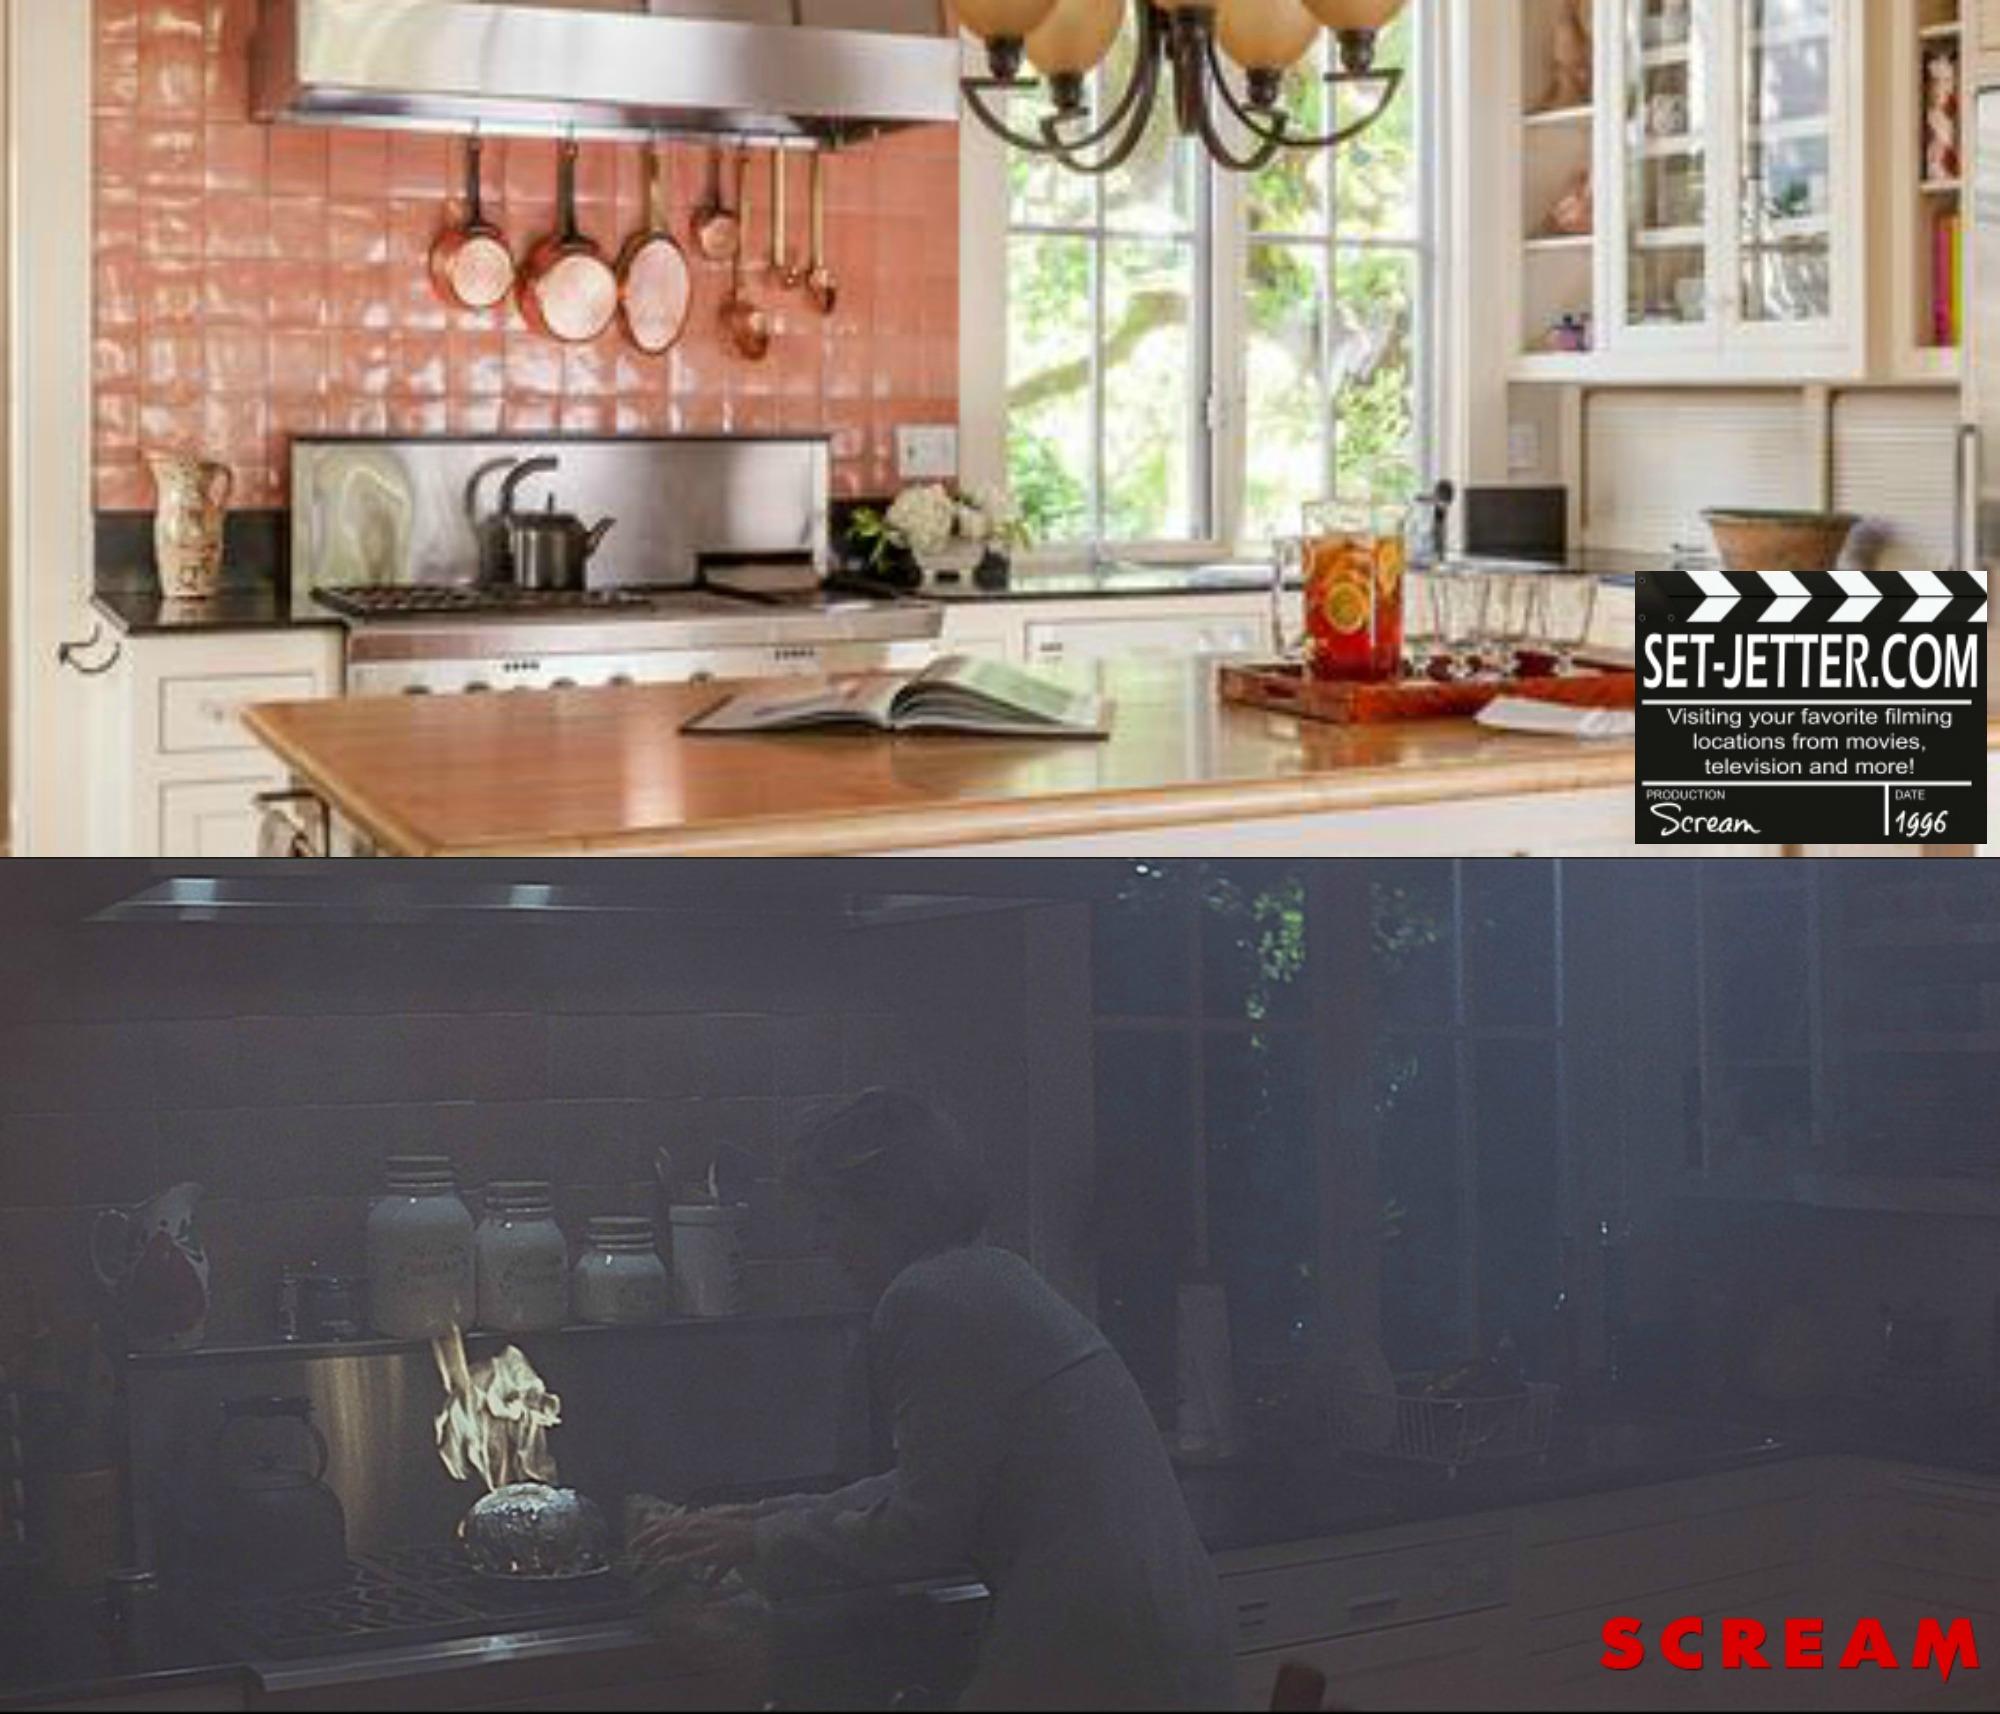 Scream Casey comparison 21.jpg